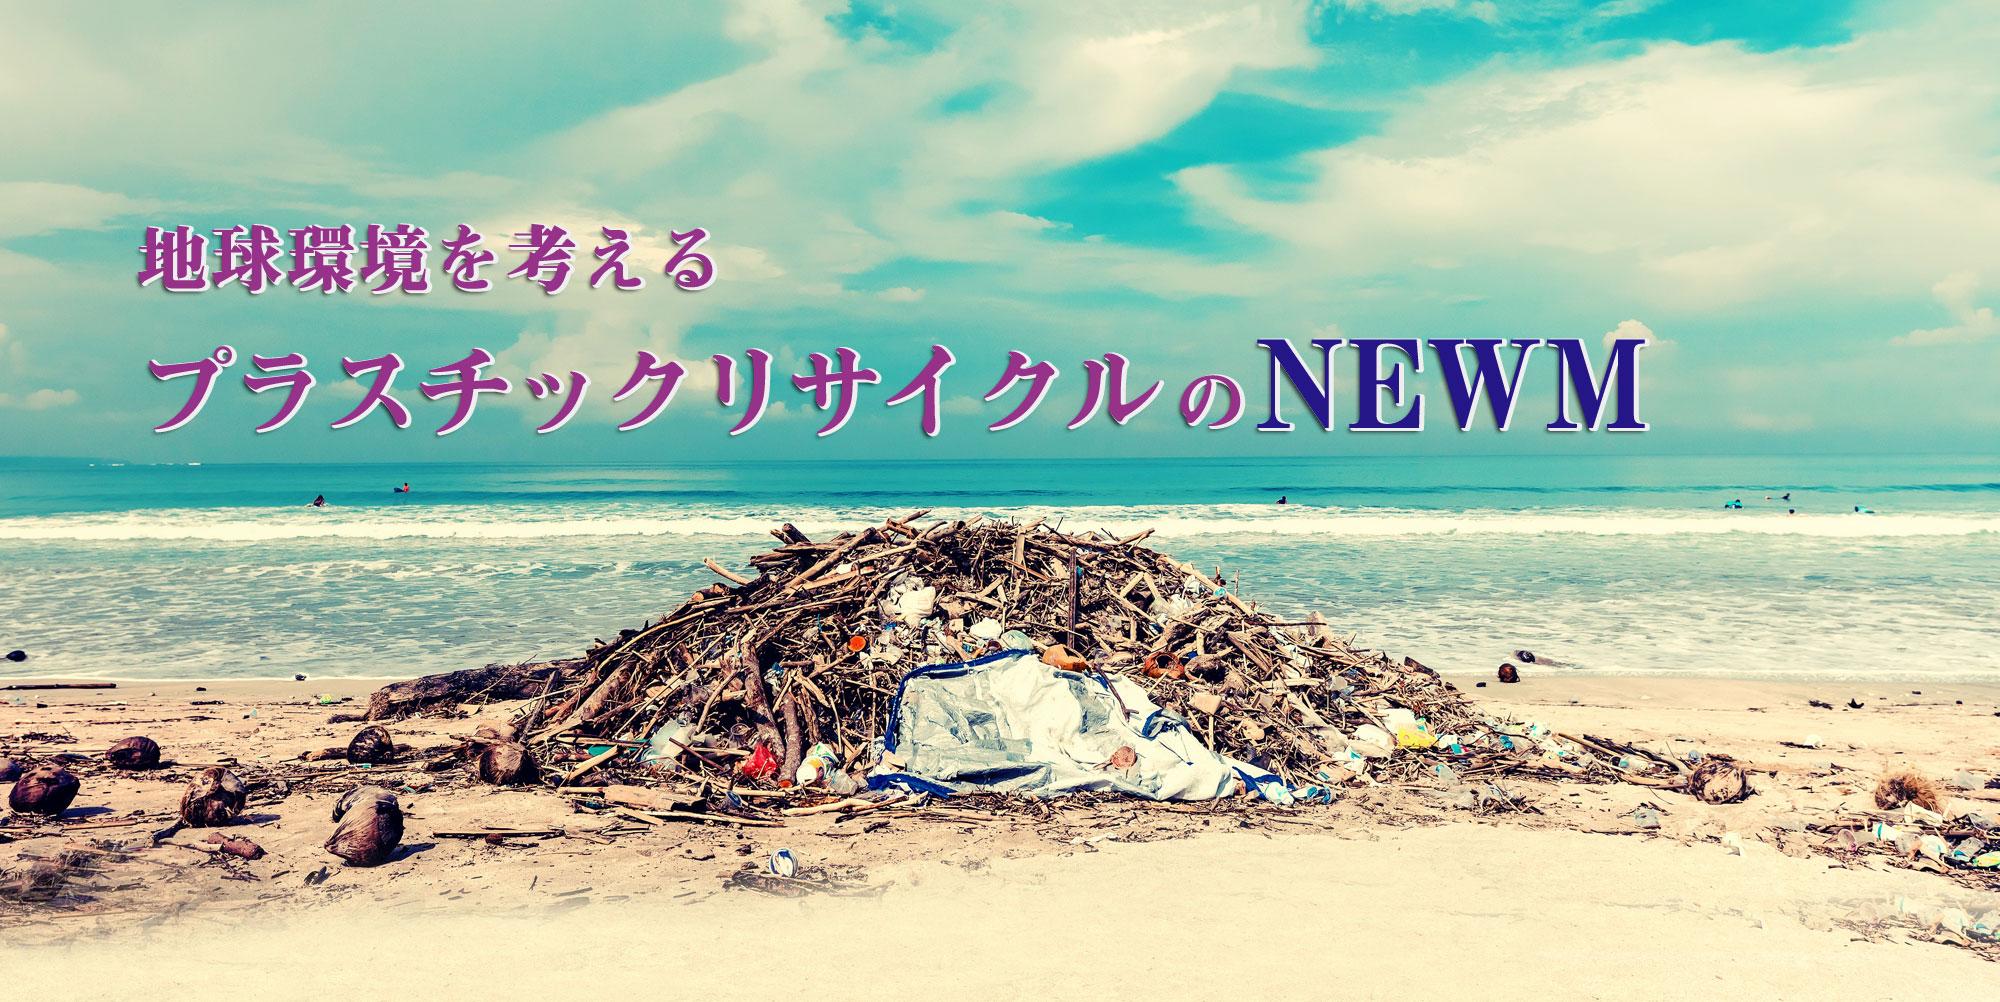 株式会社NEWM(ニューム)